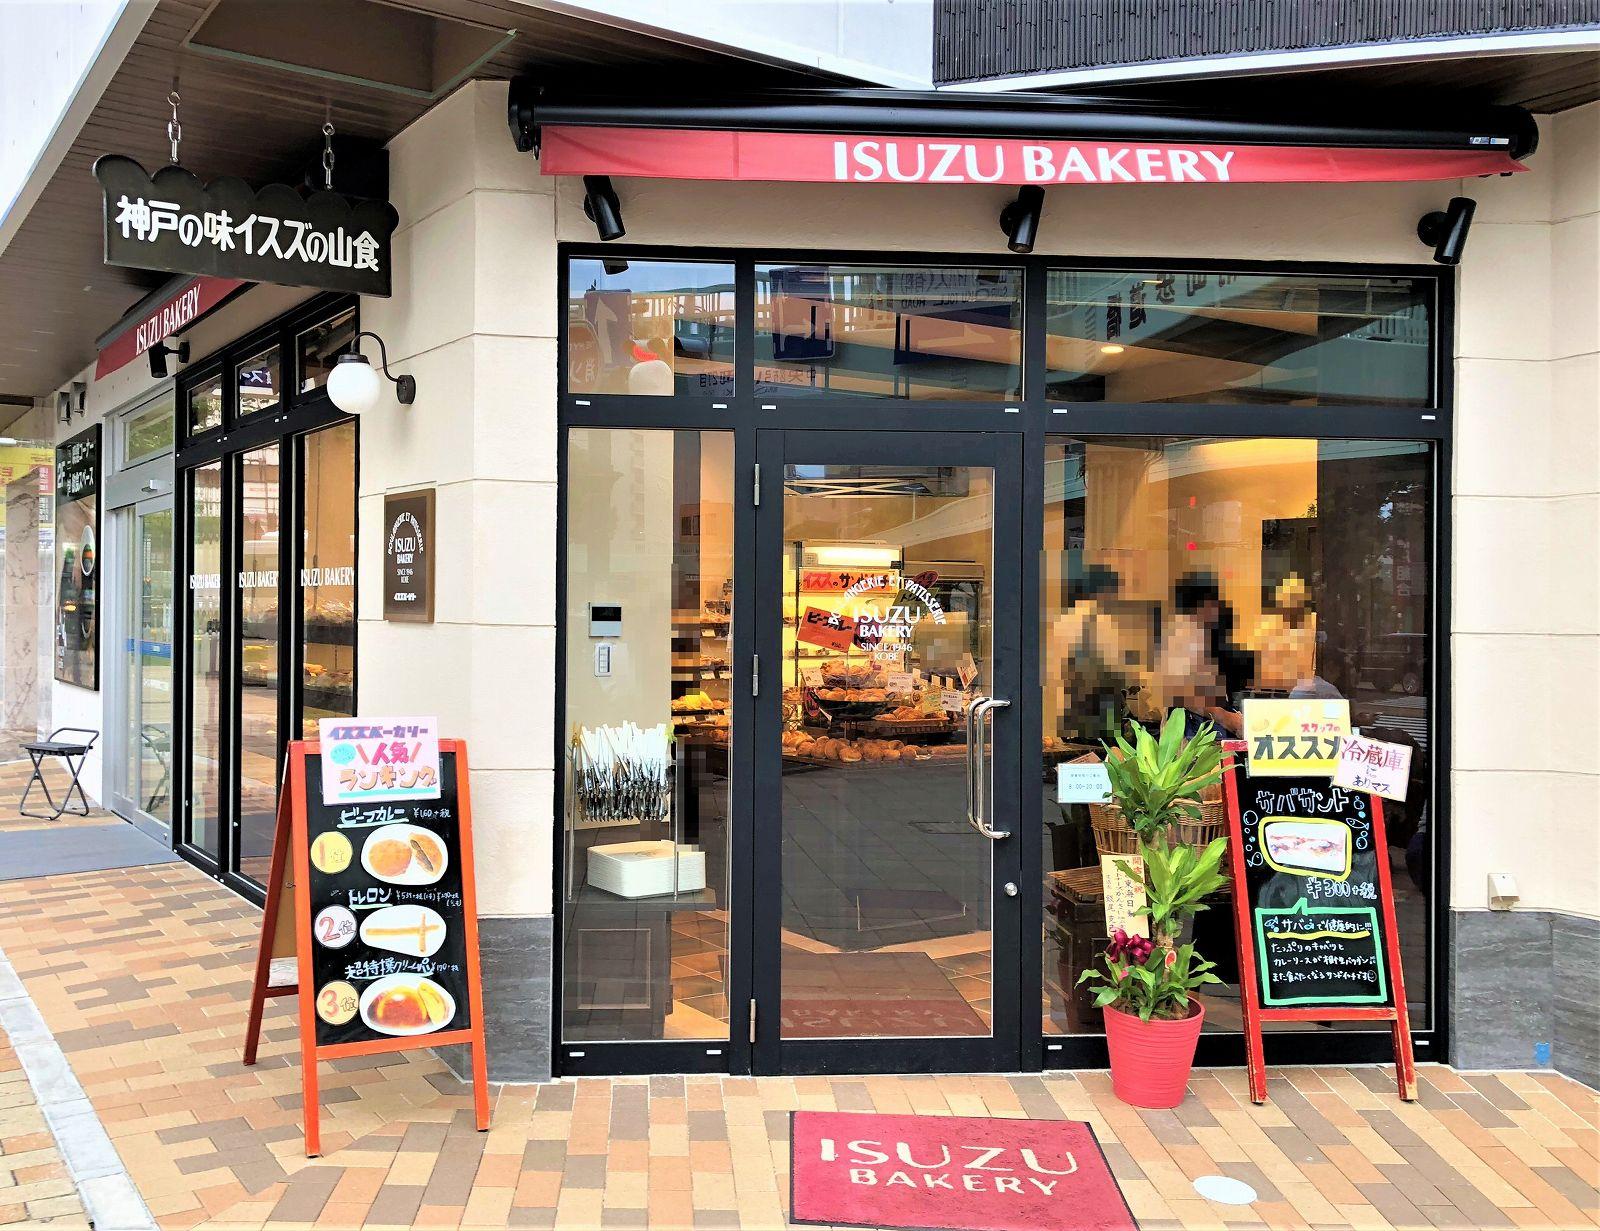 三宮の「イスズベーカリー本店」が9/8リニューアルオープン! 新しいお店を見てきた! #イスズベーカリー #リニューアルオープン #神戸マイスター #パン好き